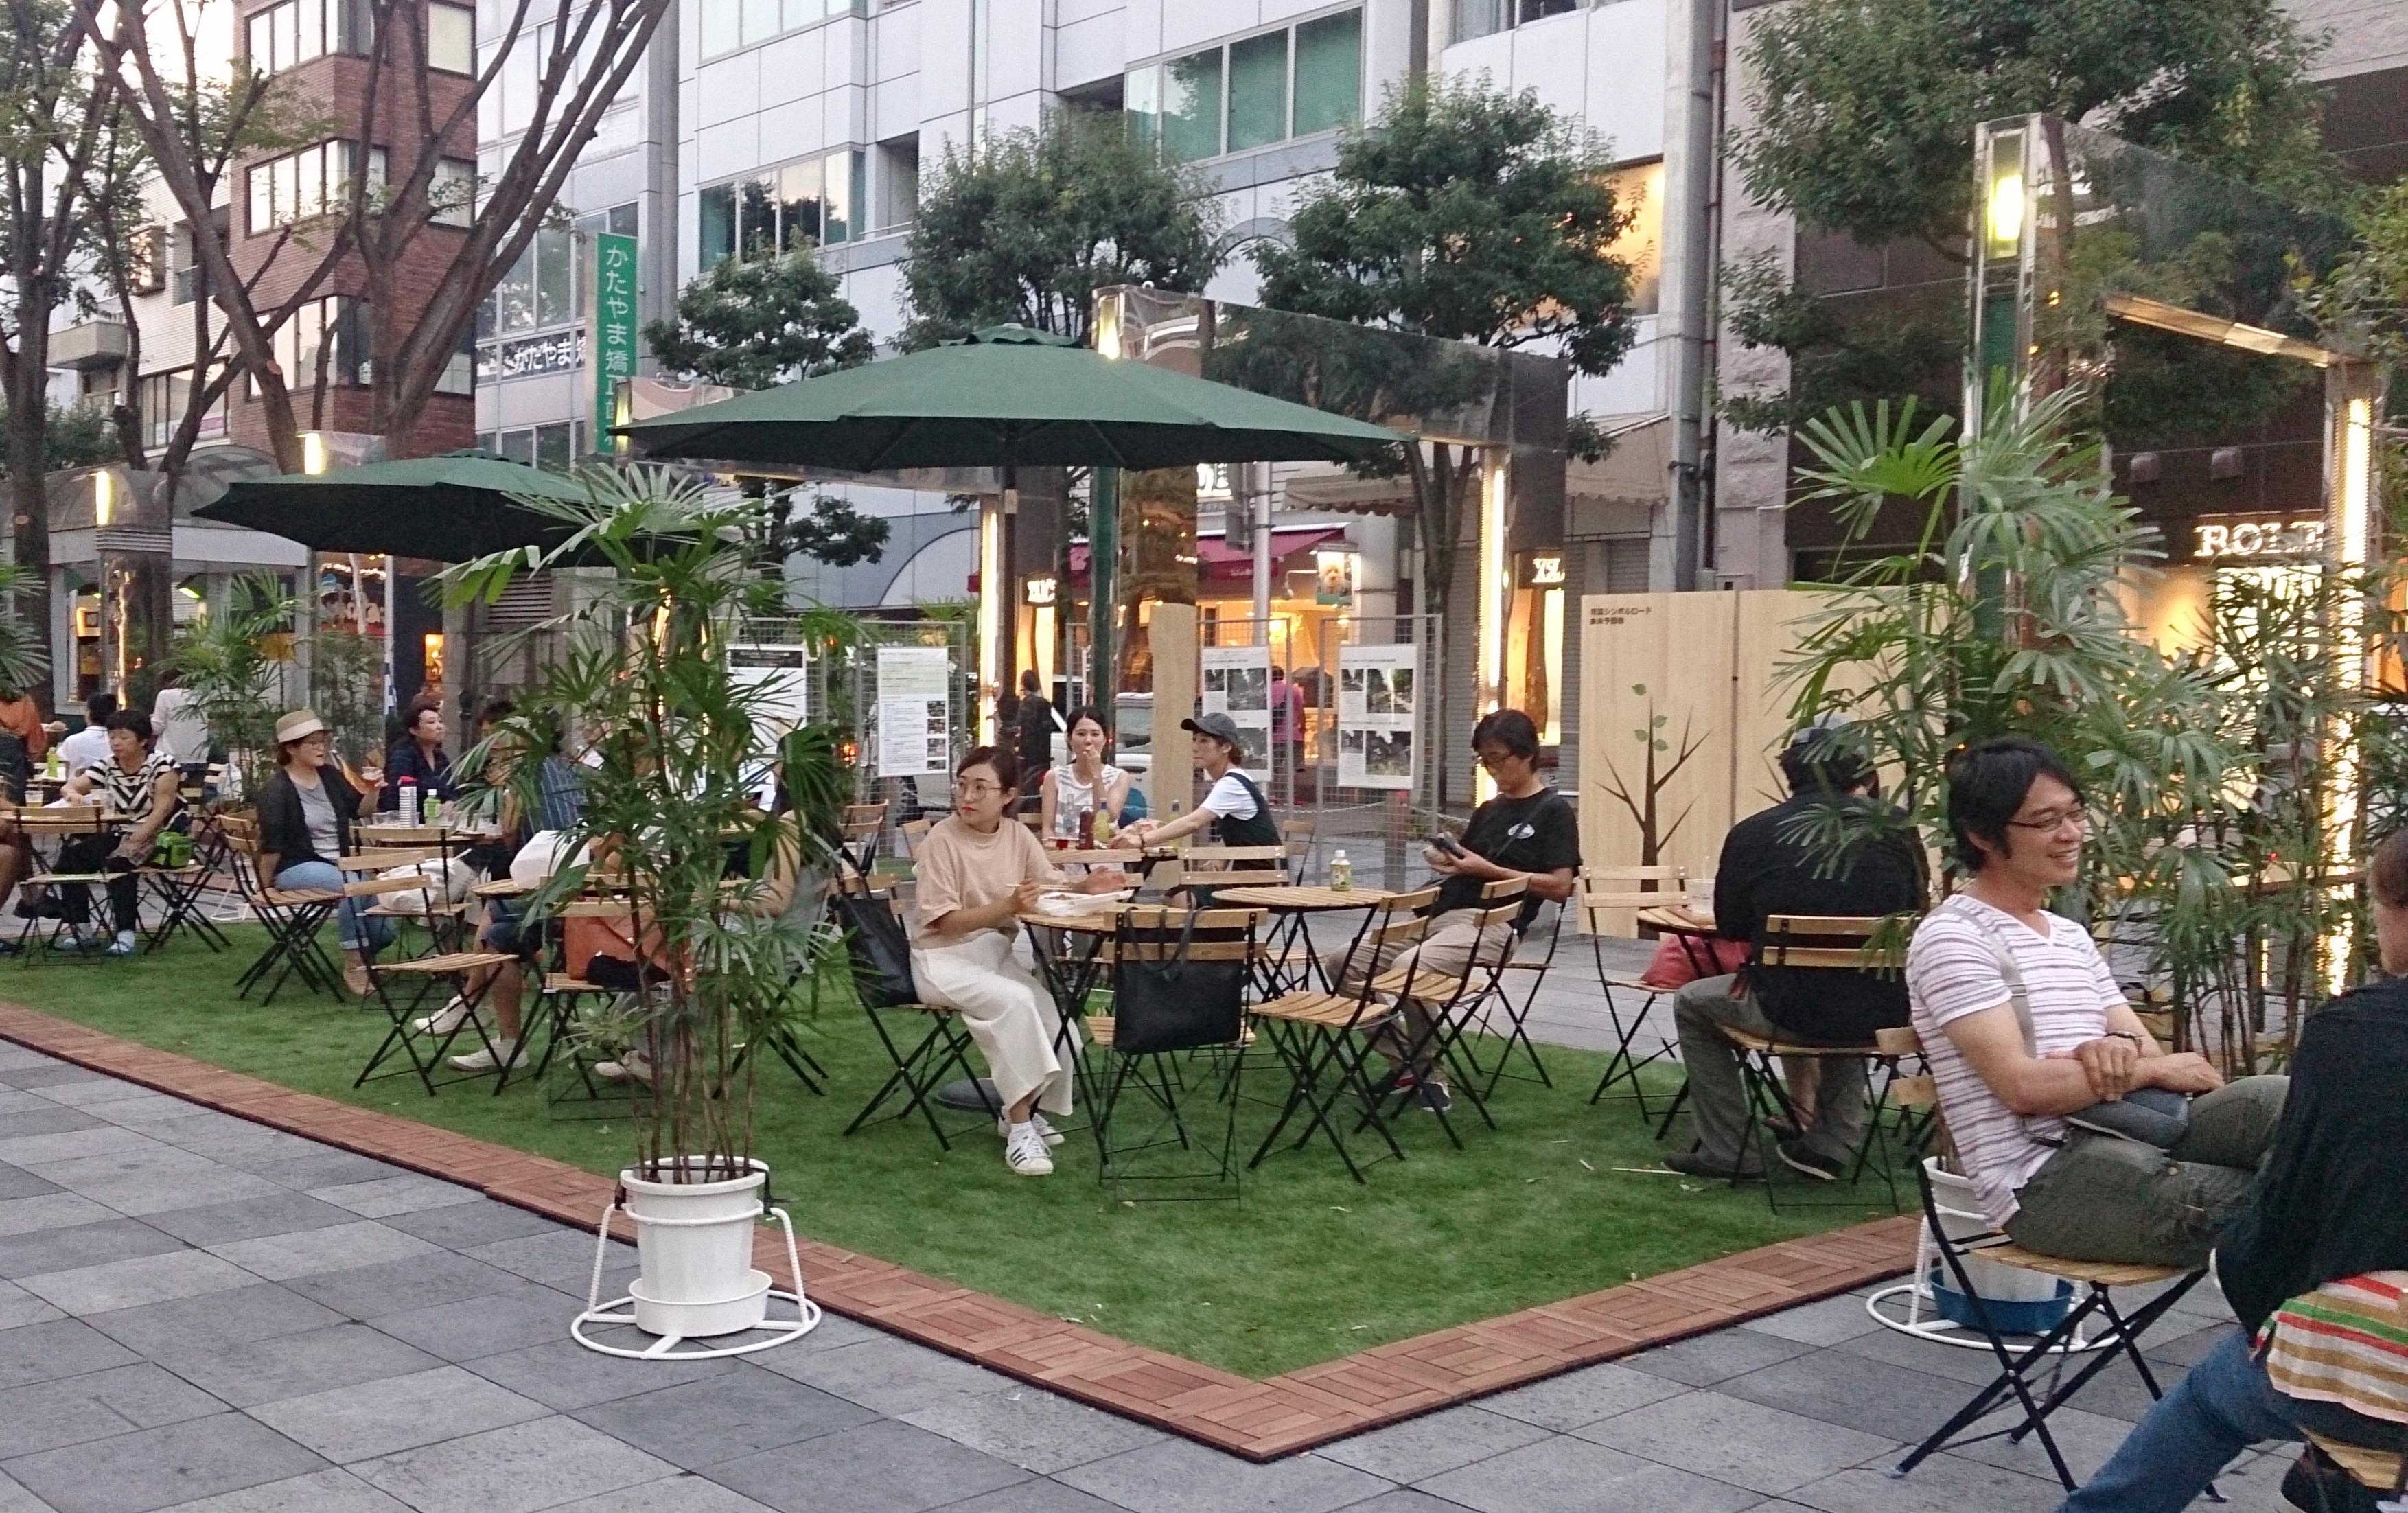 人工芝と木製の可動椅子・テーブルによる飲食空間